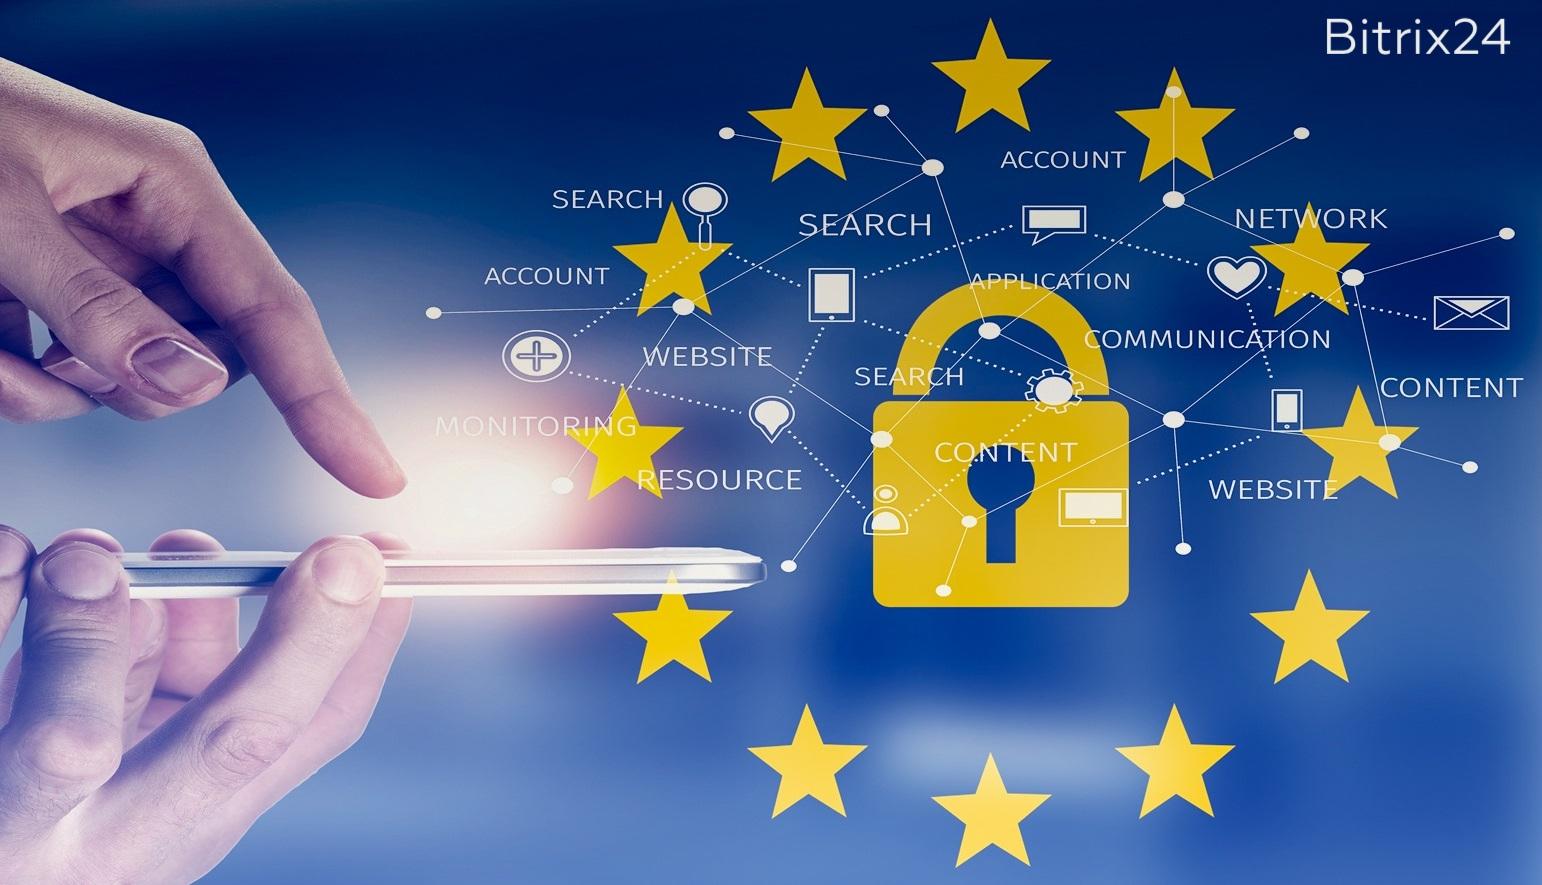 Importante: GDPR para usuarios de Bitrix24 de la Unión Europea